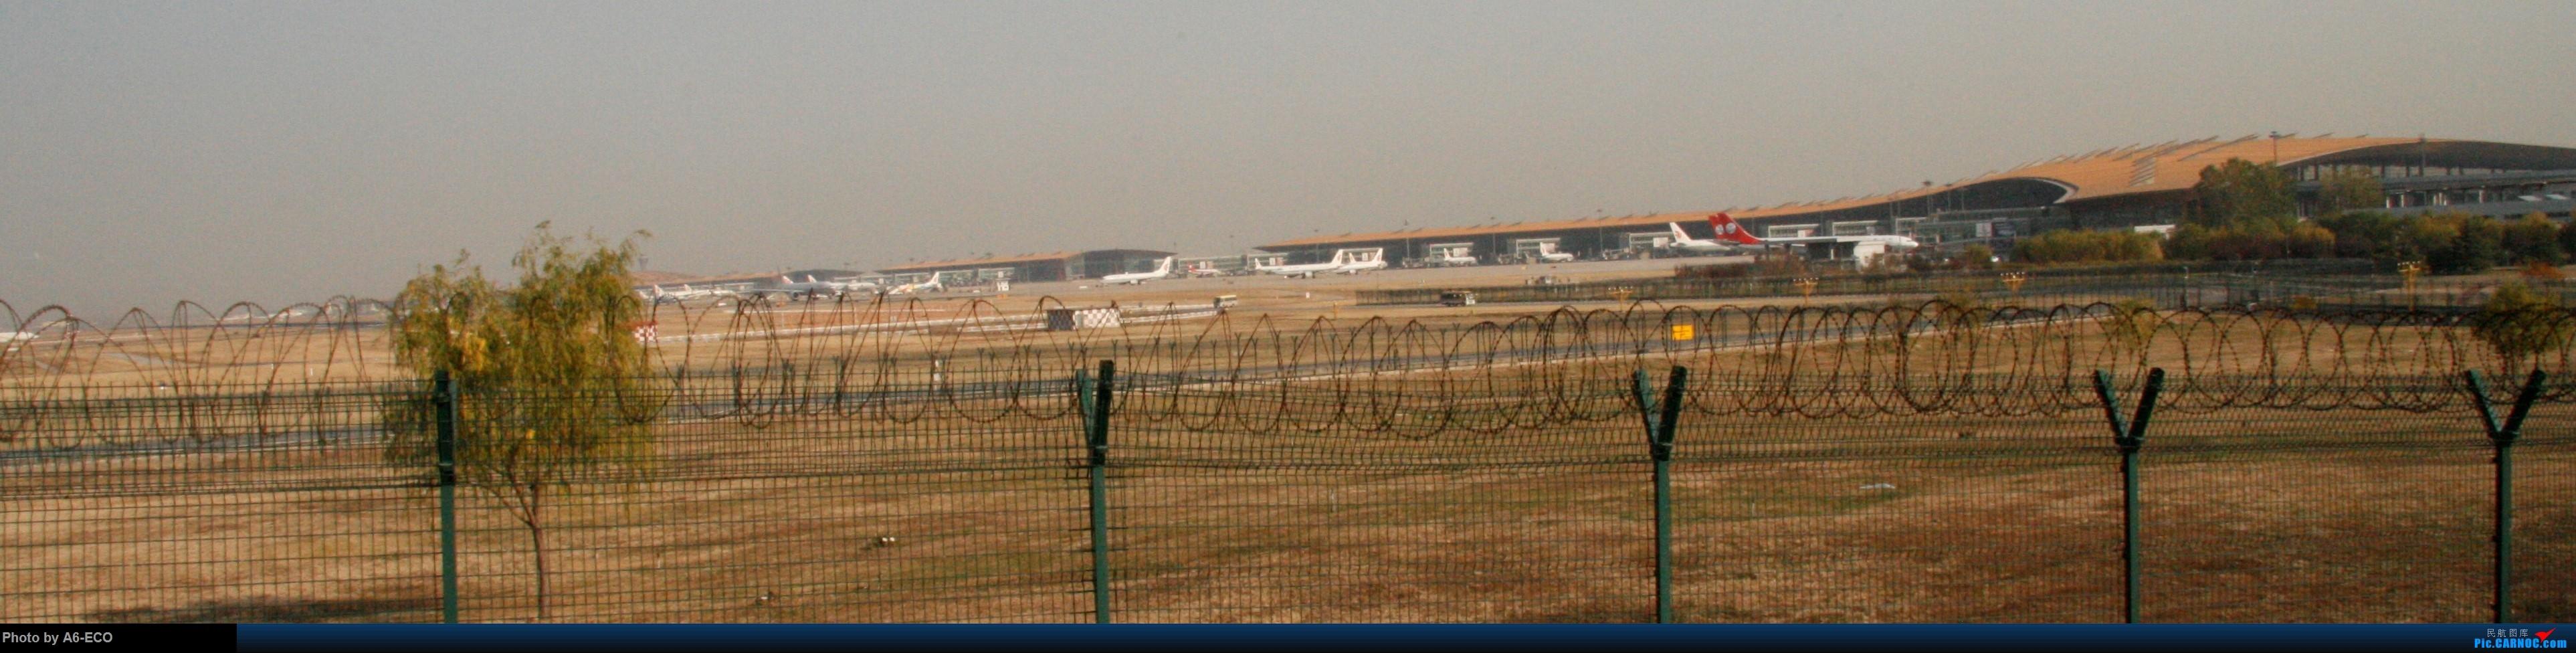 Re:[原创]大家双十一都du'o了什么?我在pek拍机    中国北京首都国际机场